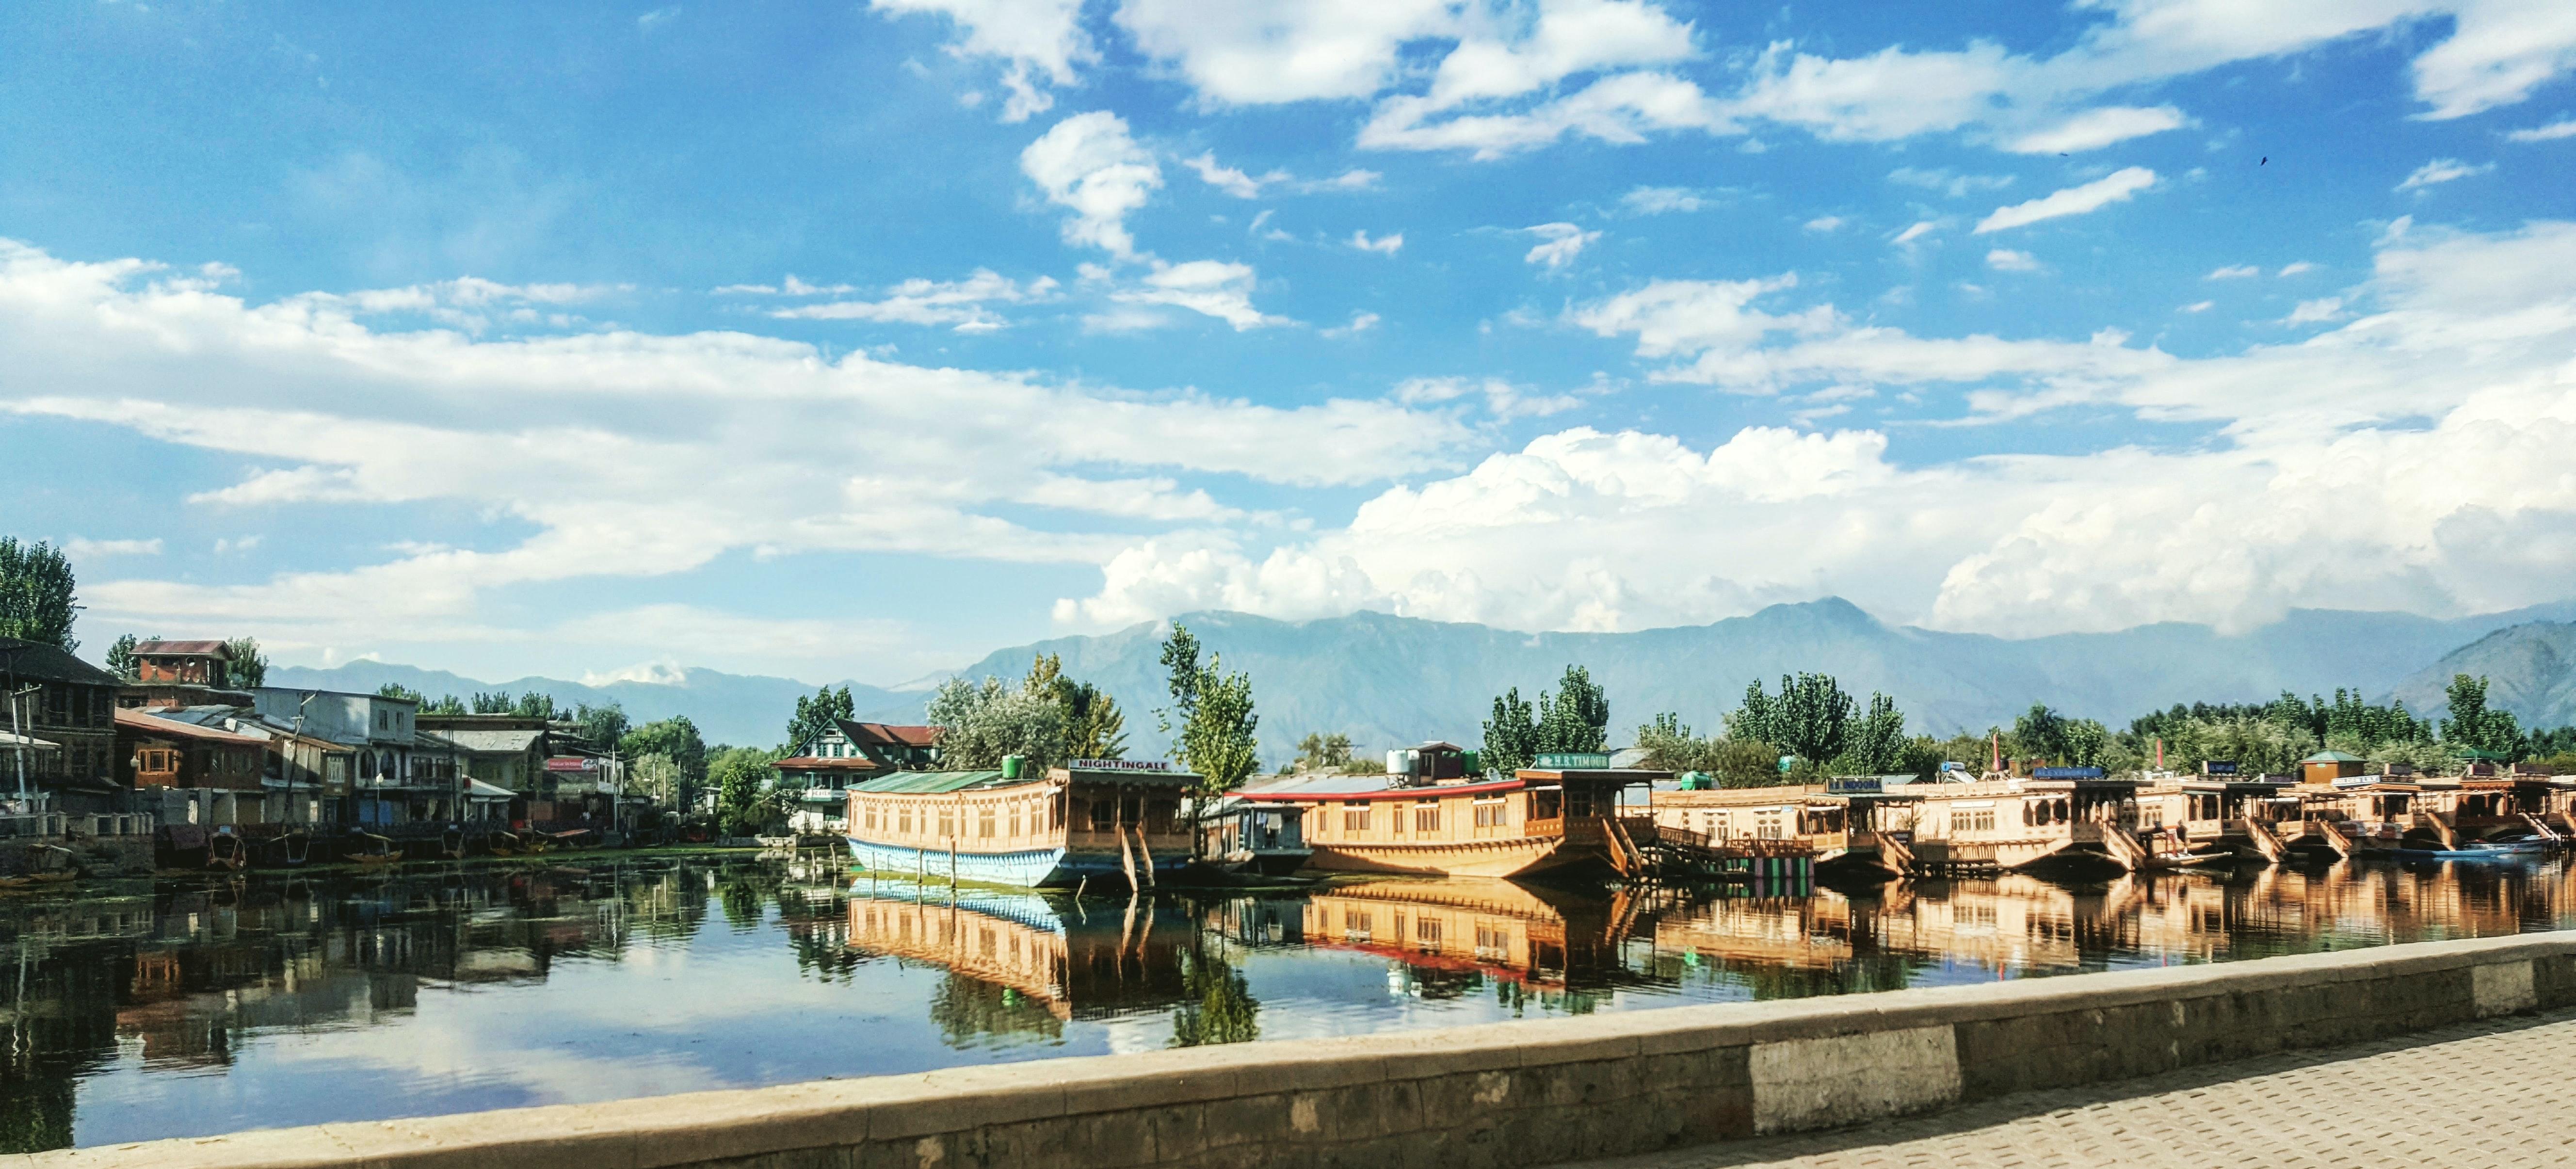 Srinagar-Sodha-Travel